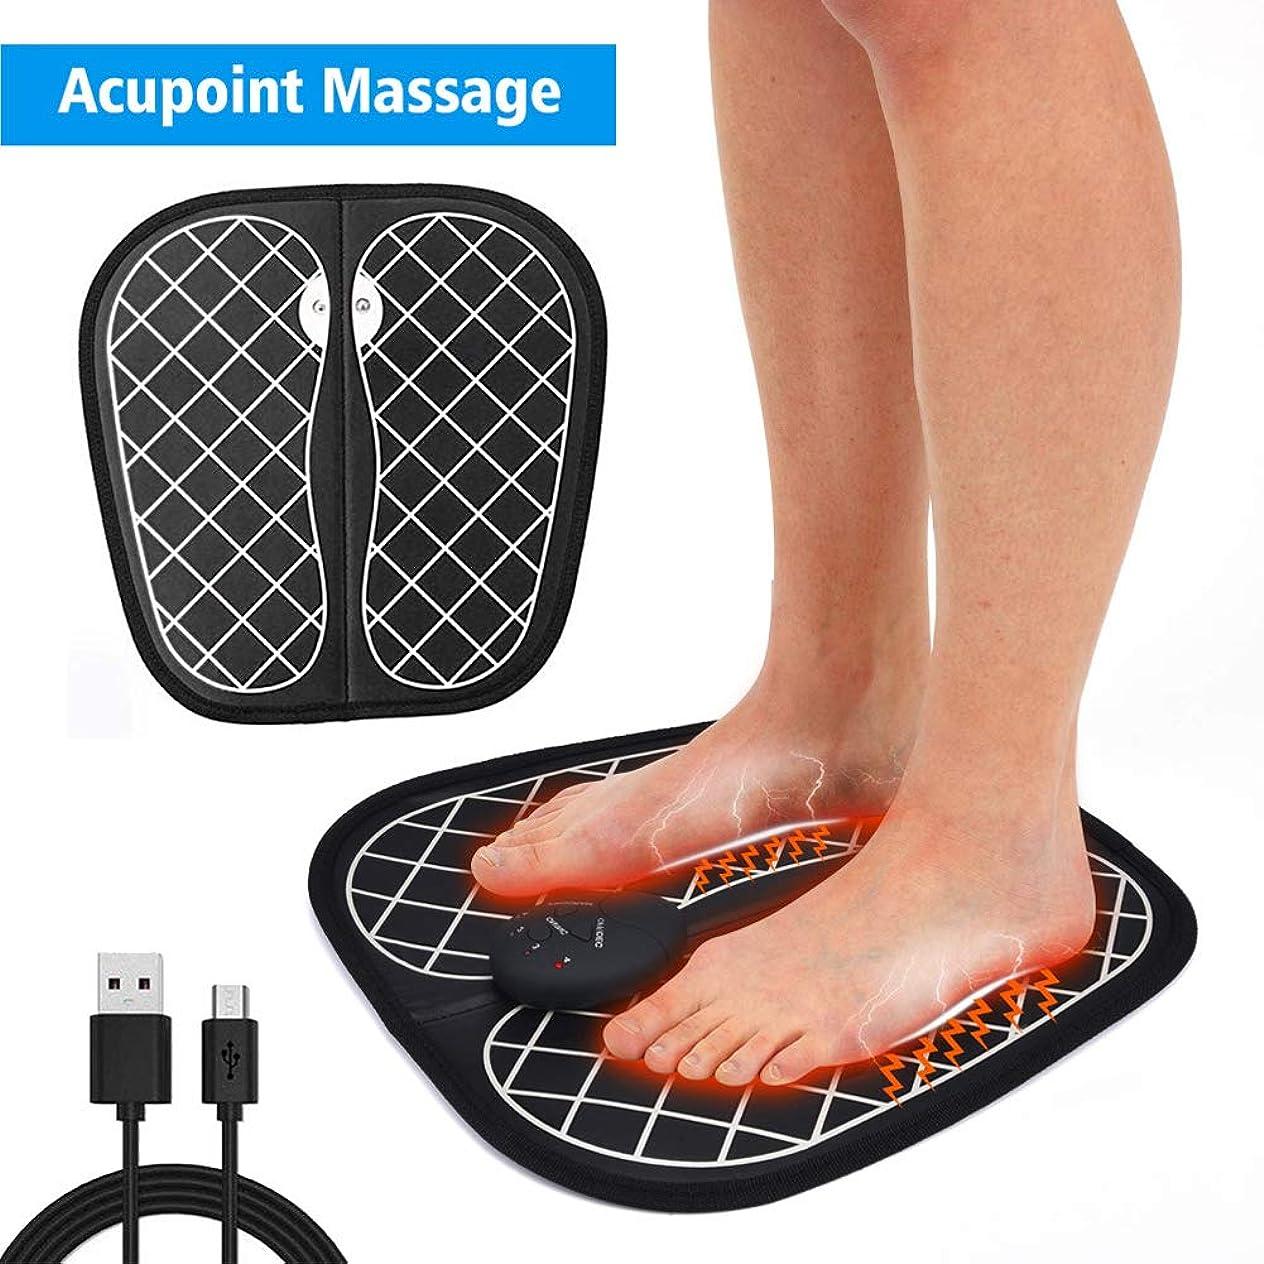 粉砕する故意のストレンジャーEMSフットマッサージャー、フットマッサージャー、ABSパッド、USB充電、リラクゼーション、血液循環の促進、足の疲労の緩和,A